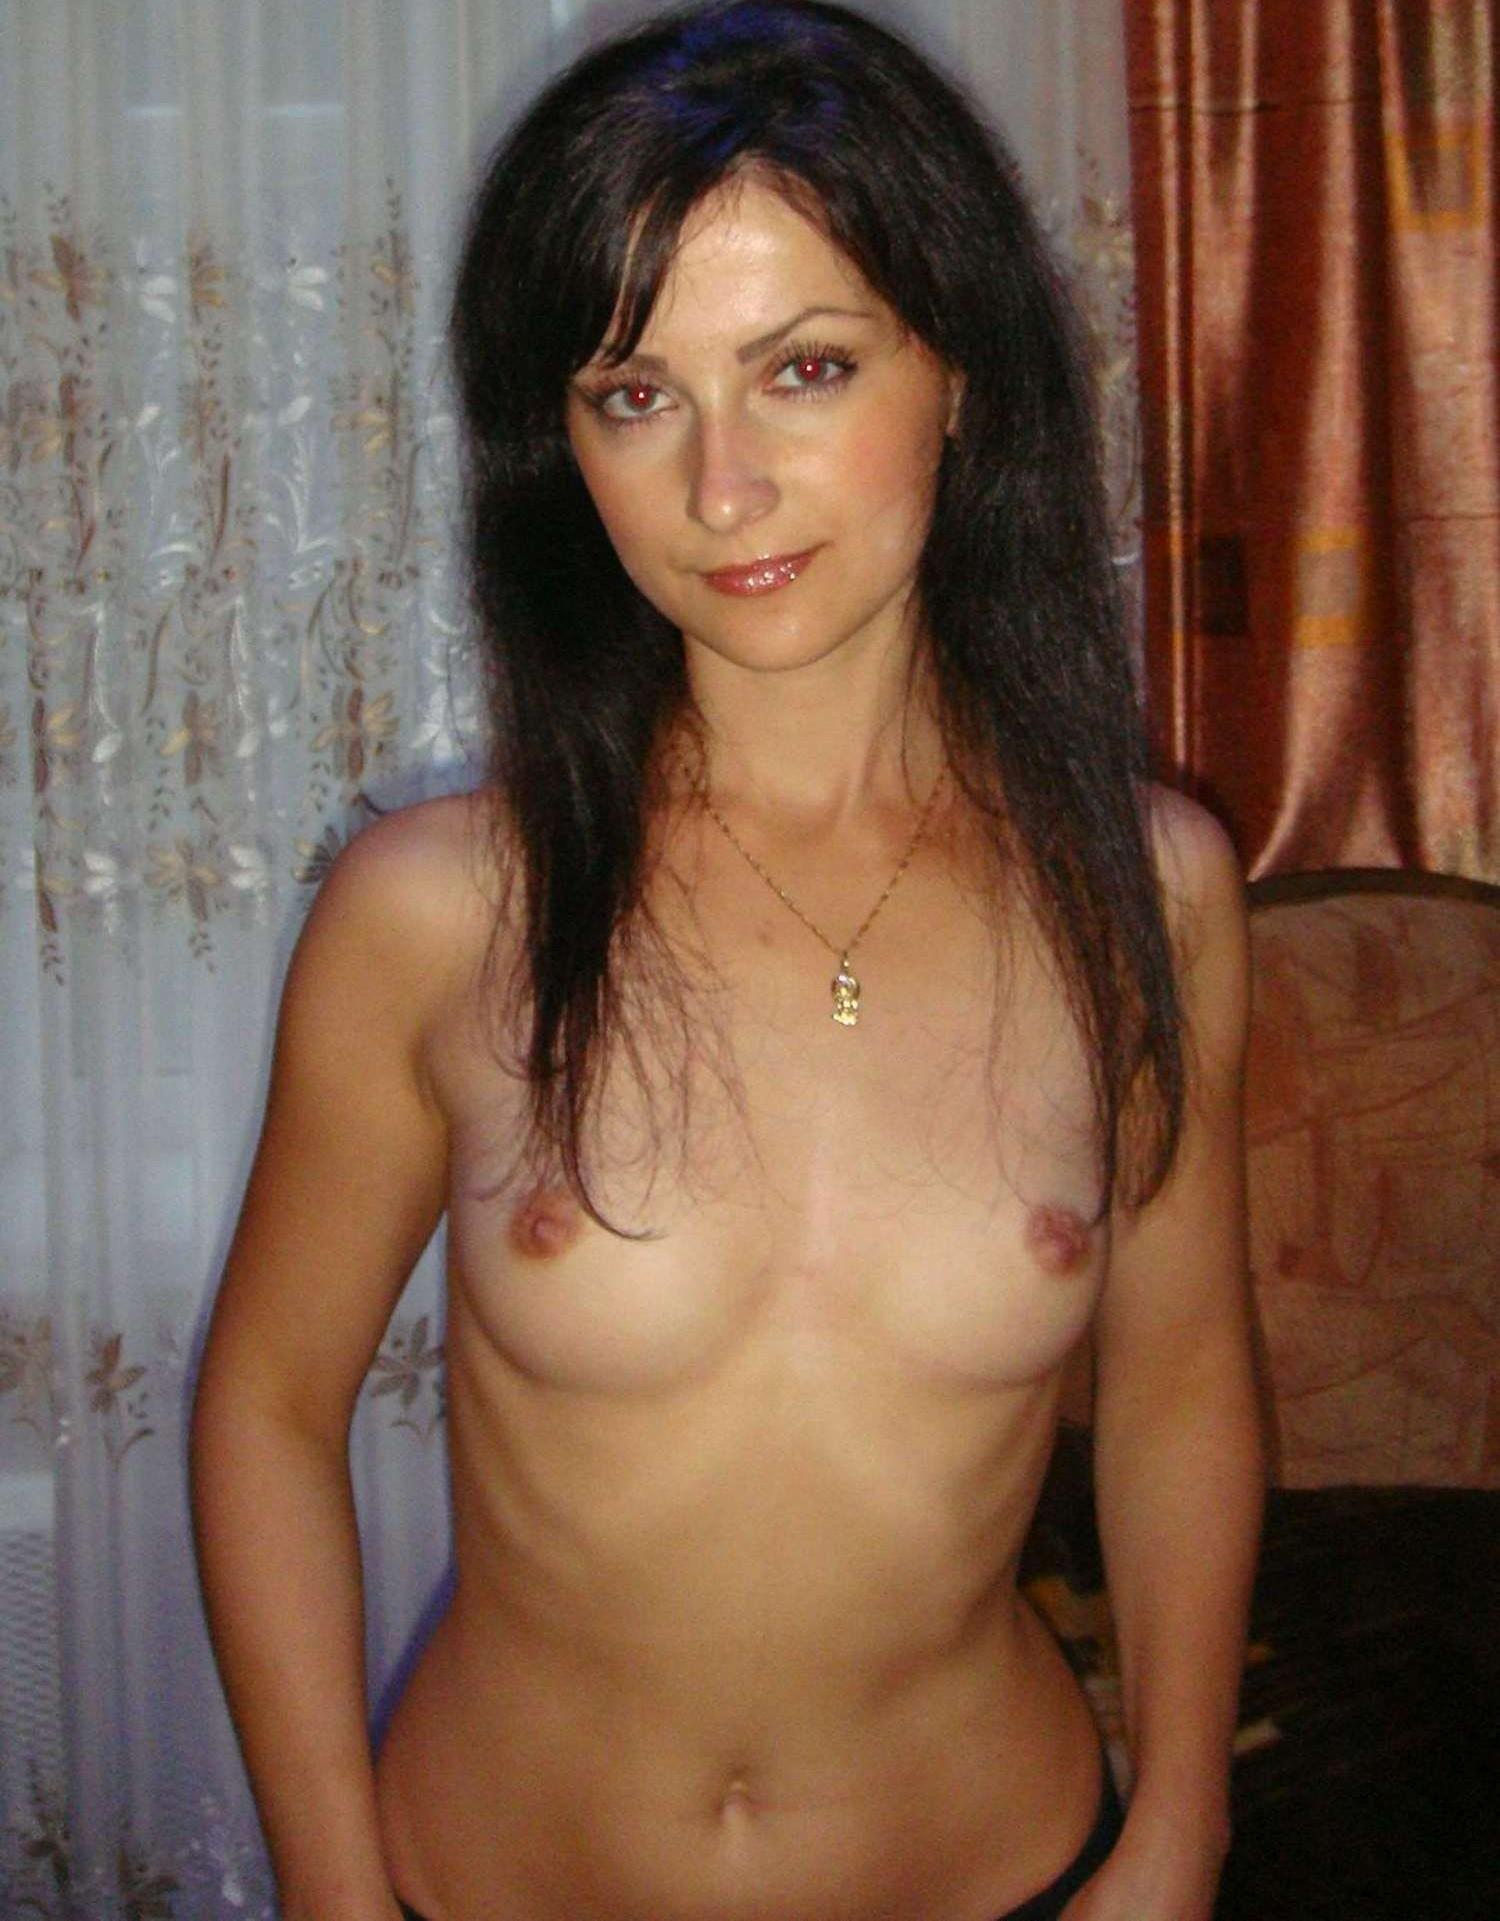 brunette-amateur-nude-milf-24